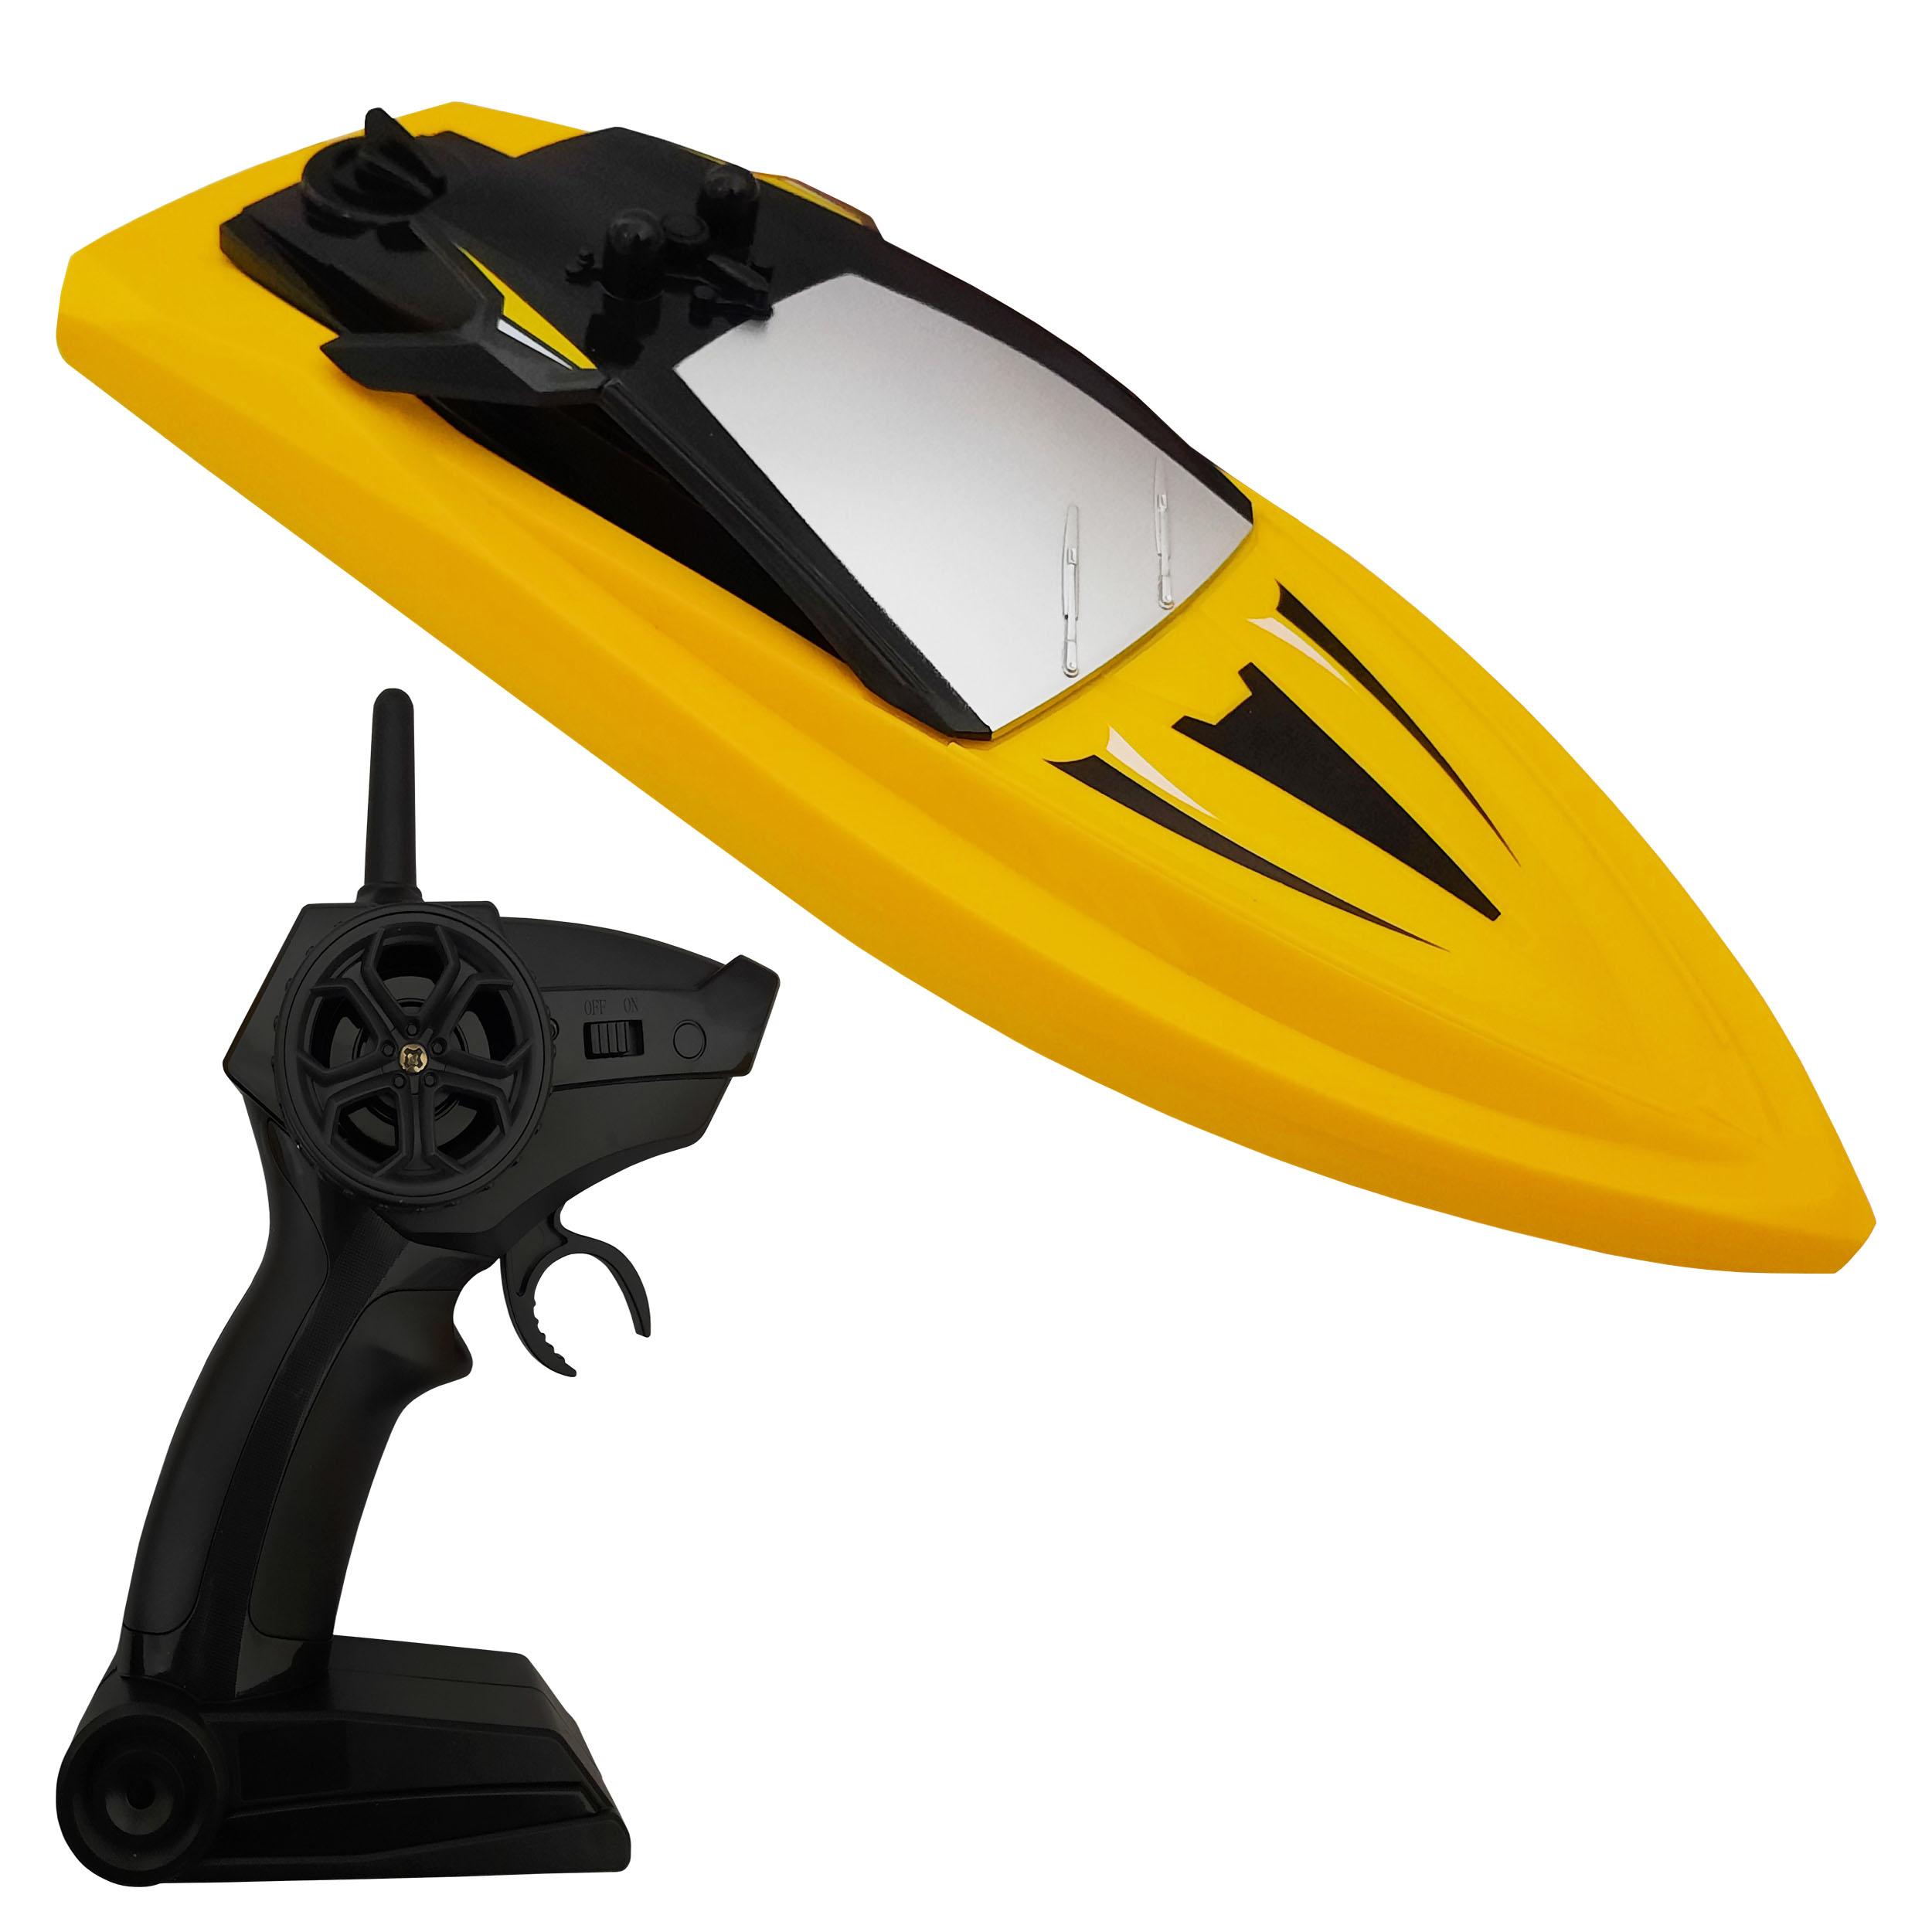 قایق بازی کنترلی مدل Q5 MINI BOAT کد 012221